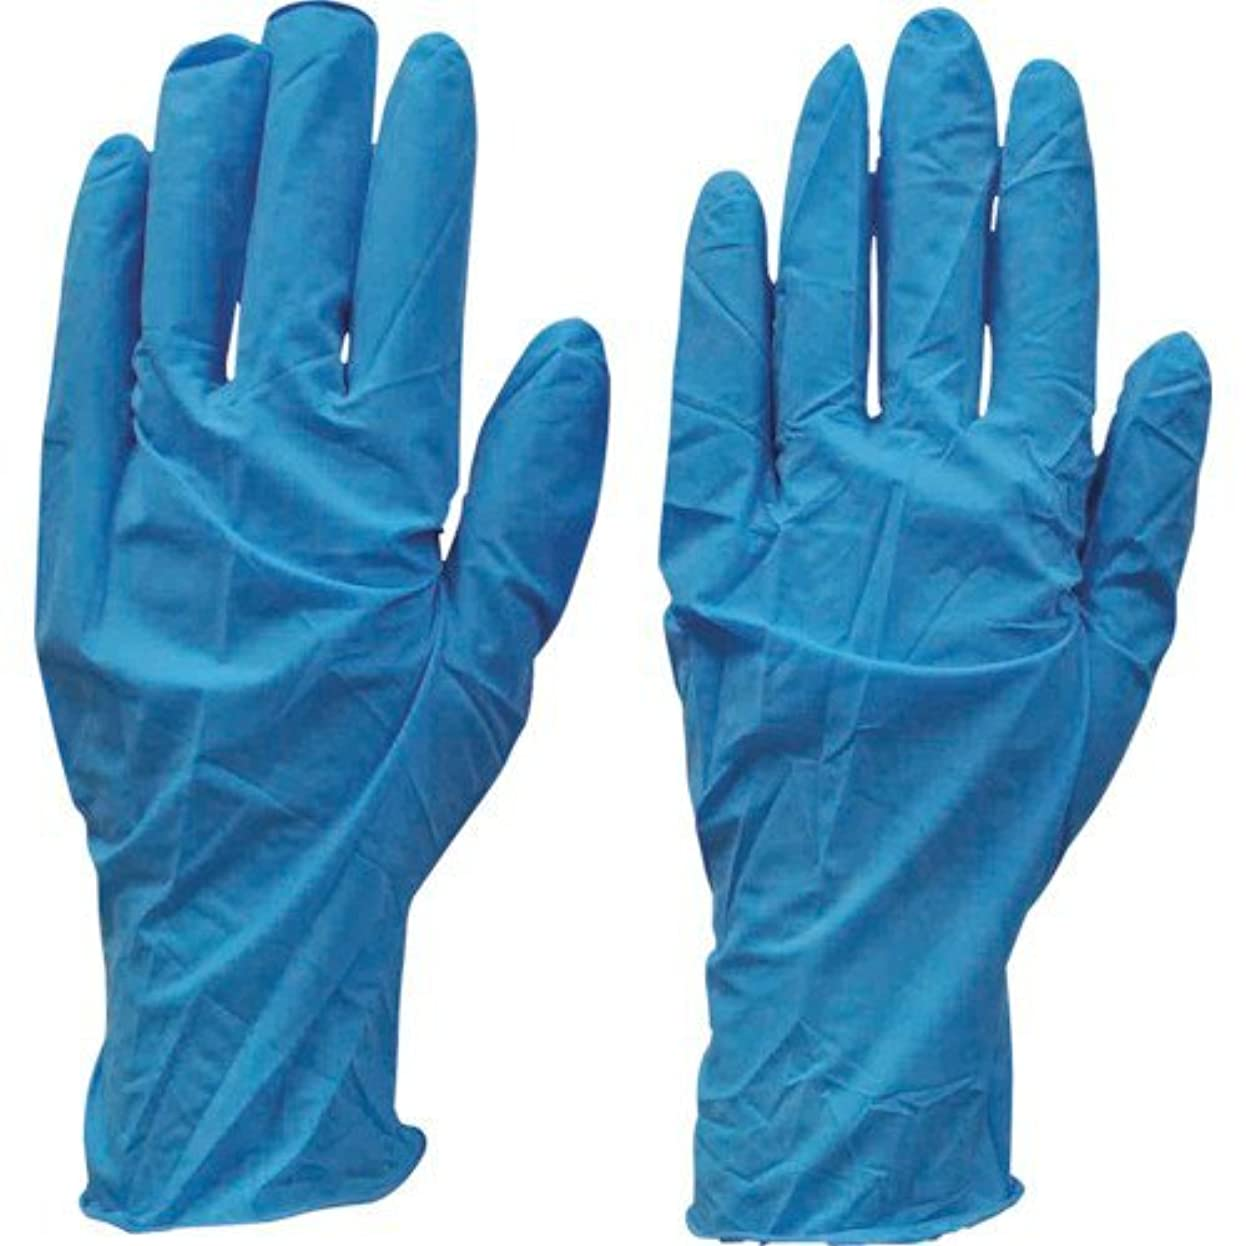 透ける飢饉カリキュラムダンロップ N-211 天然ゴム極うす手袋100枚入 Lブルー N211LB